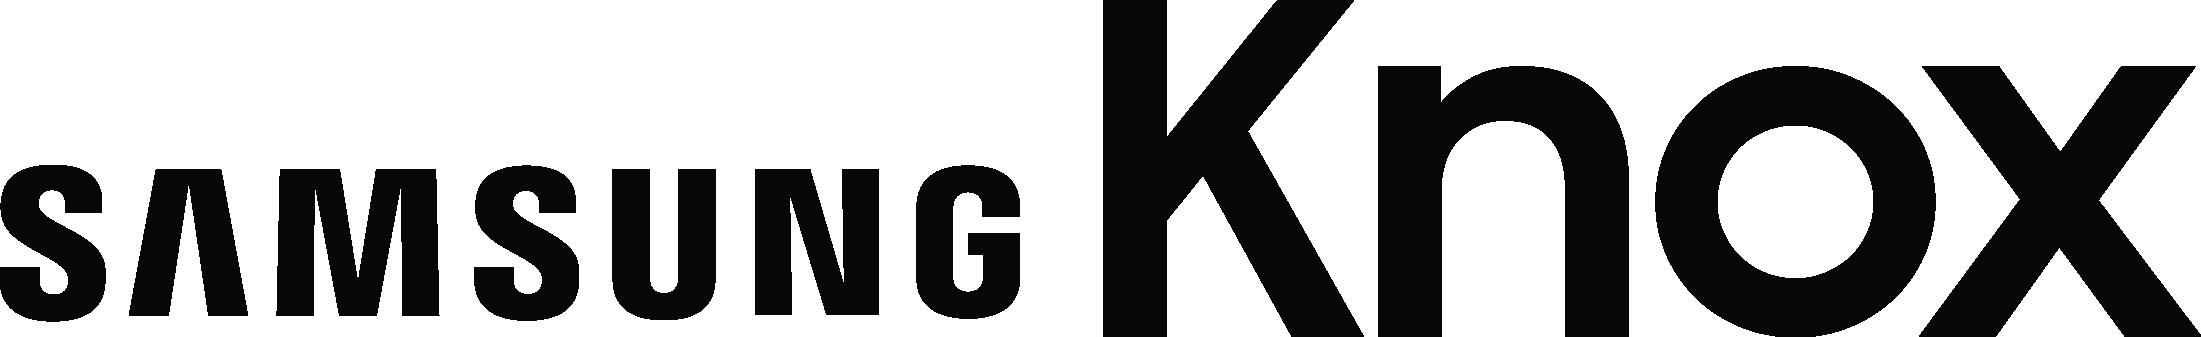 Samsung_Knox_Logo_2016_Horizontal.png